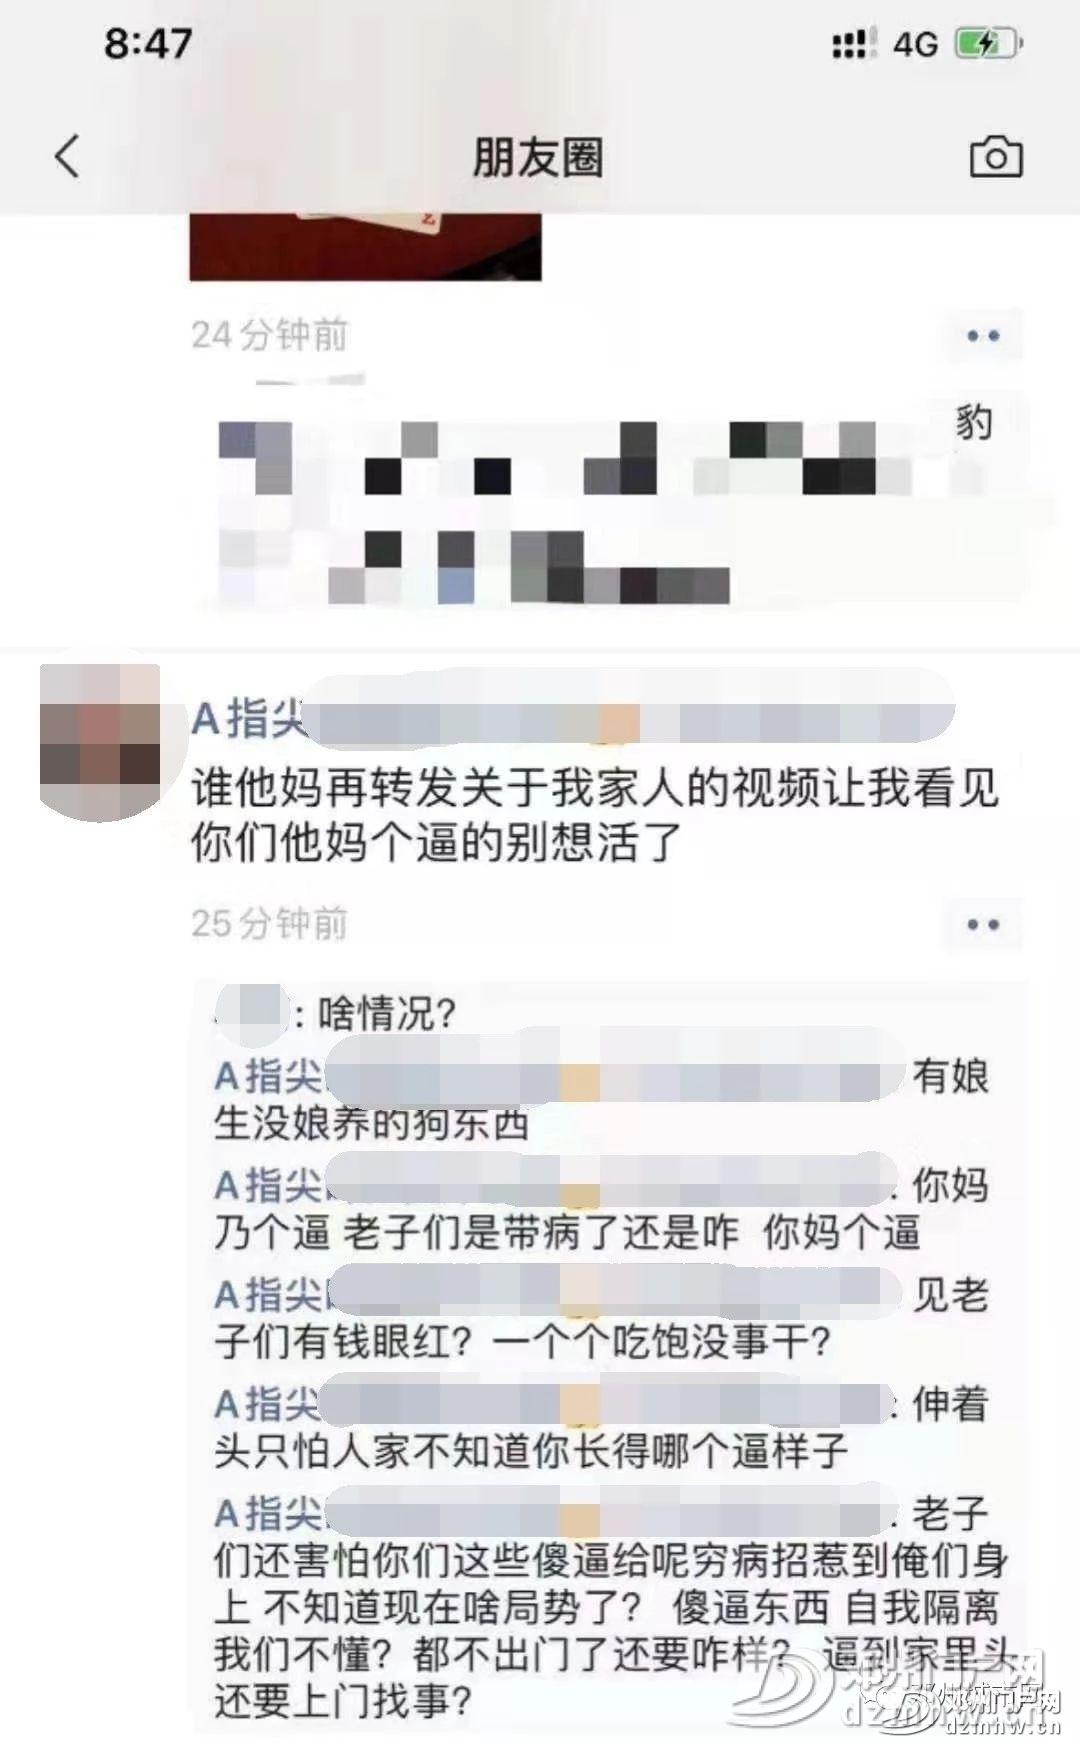 几名武汉回邓州女子在街头走动,不听劝阻还耍横,警方目前已介入处置! - 邓州门户网 邓州网 - 96f1c4ba23ba79cbc3fd0bea177016b5.jpg